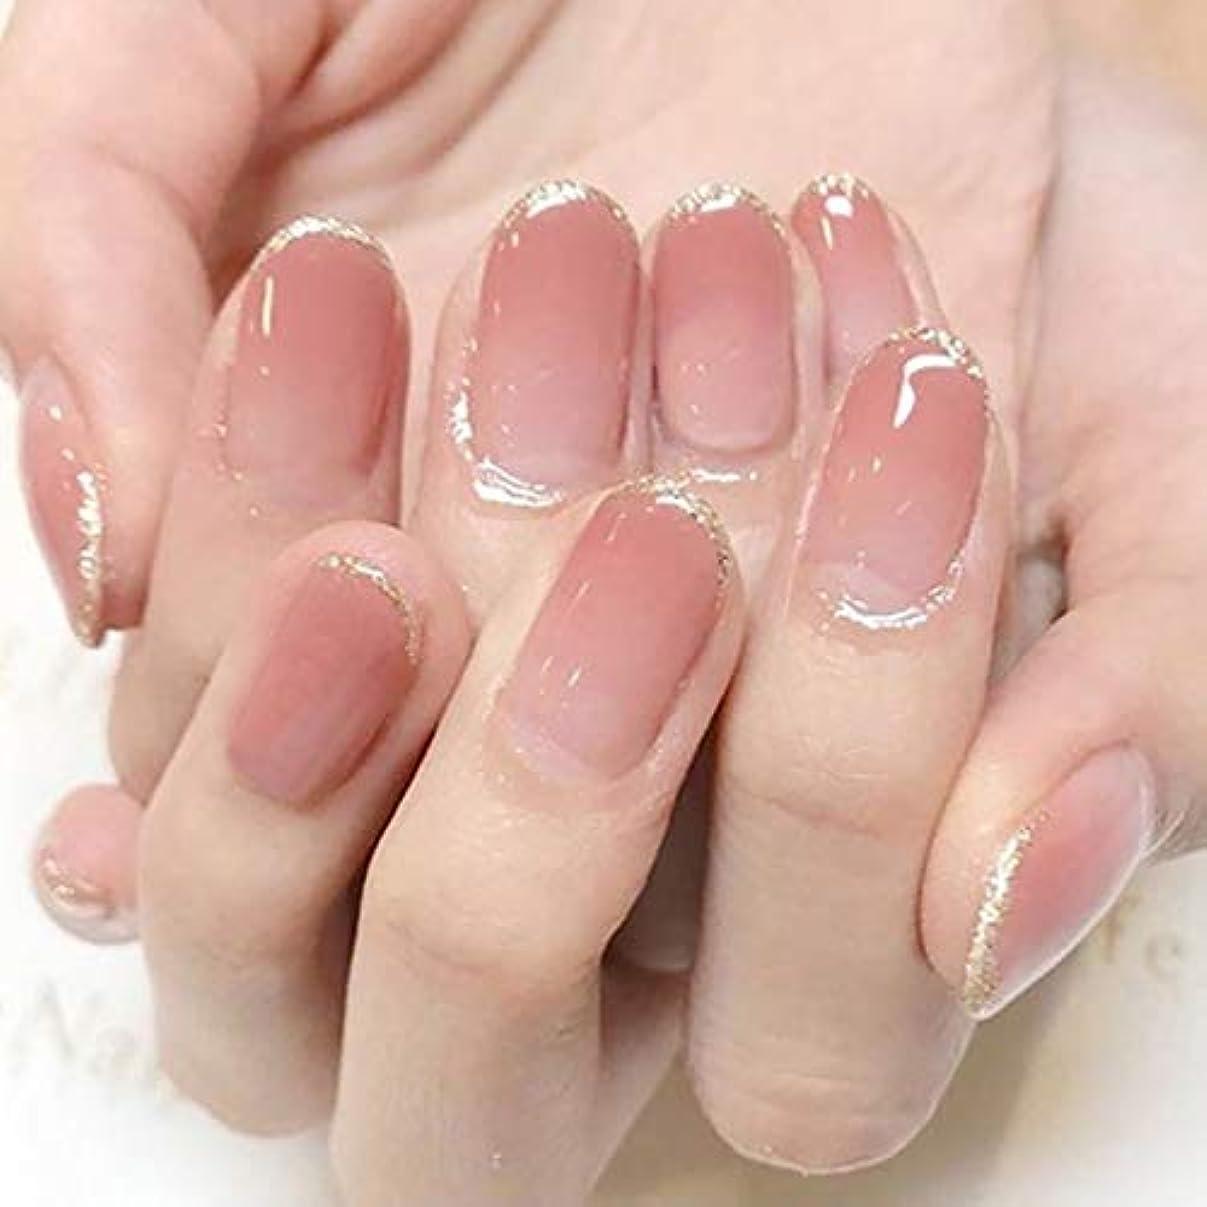 カウントアジア人銀XUTXZKA クリーム色の段階的な純粋な色の爪の女性のファッションシャイニングゴールドフルネイルのヒント女性のネイルデコレーション